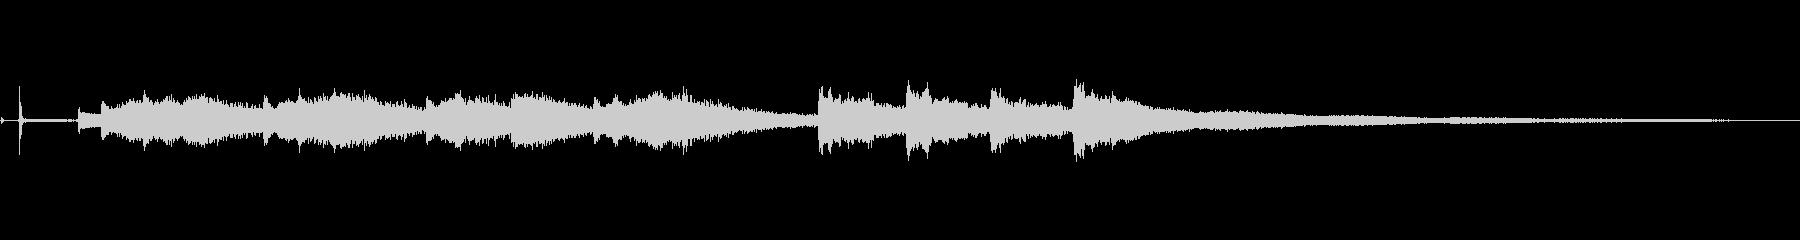 ウィンチェスターチャイム:ストライ...の未再生の波形